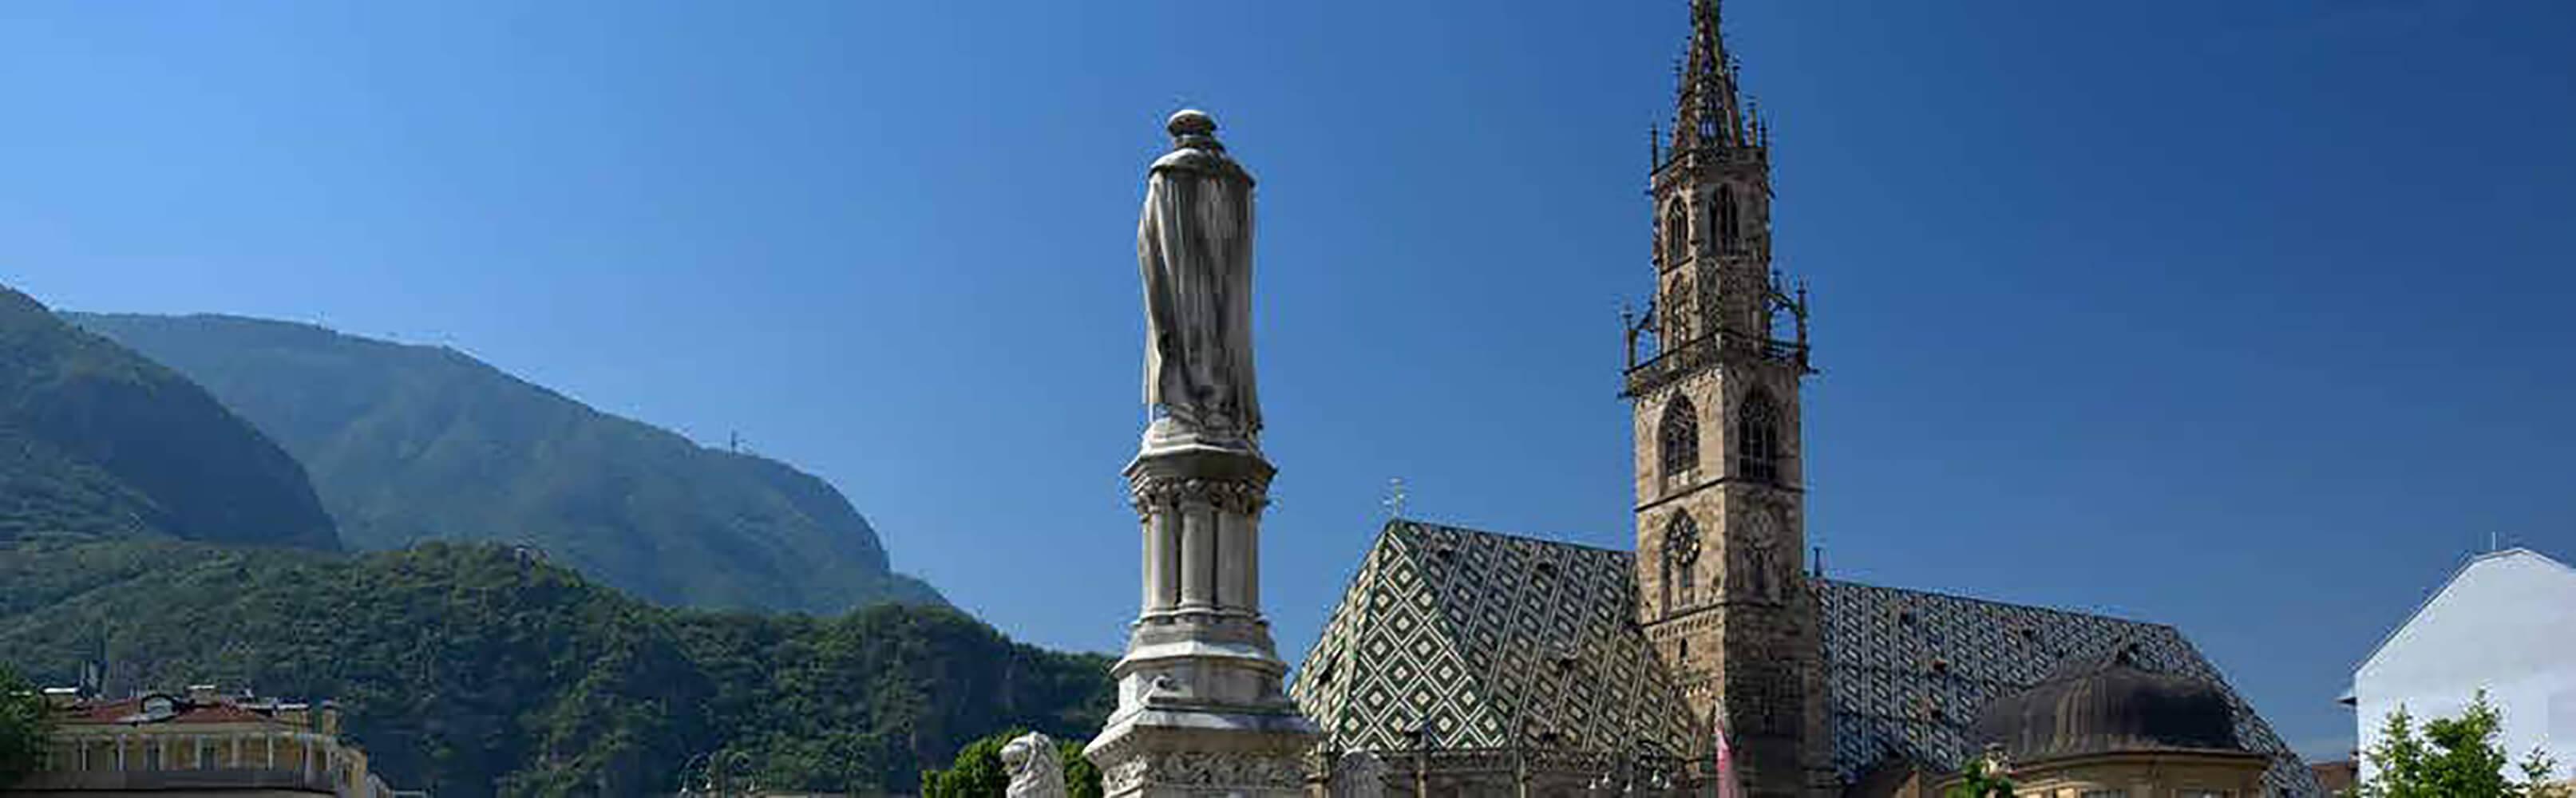 Bozen in Südtirol – ideales Reiseziel für die ganze Familie 1